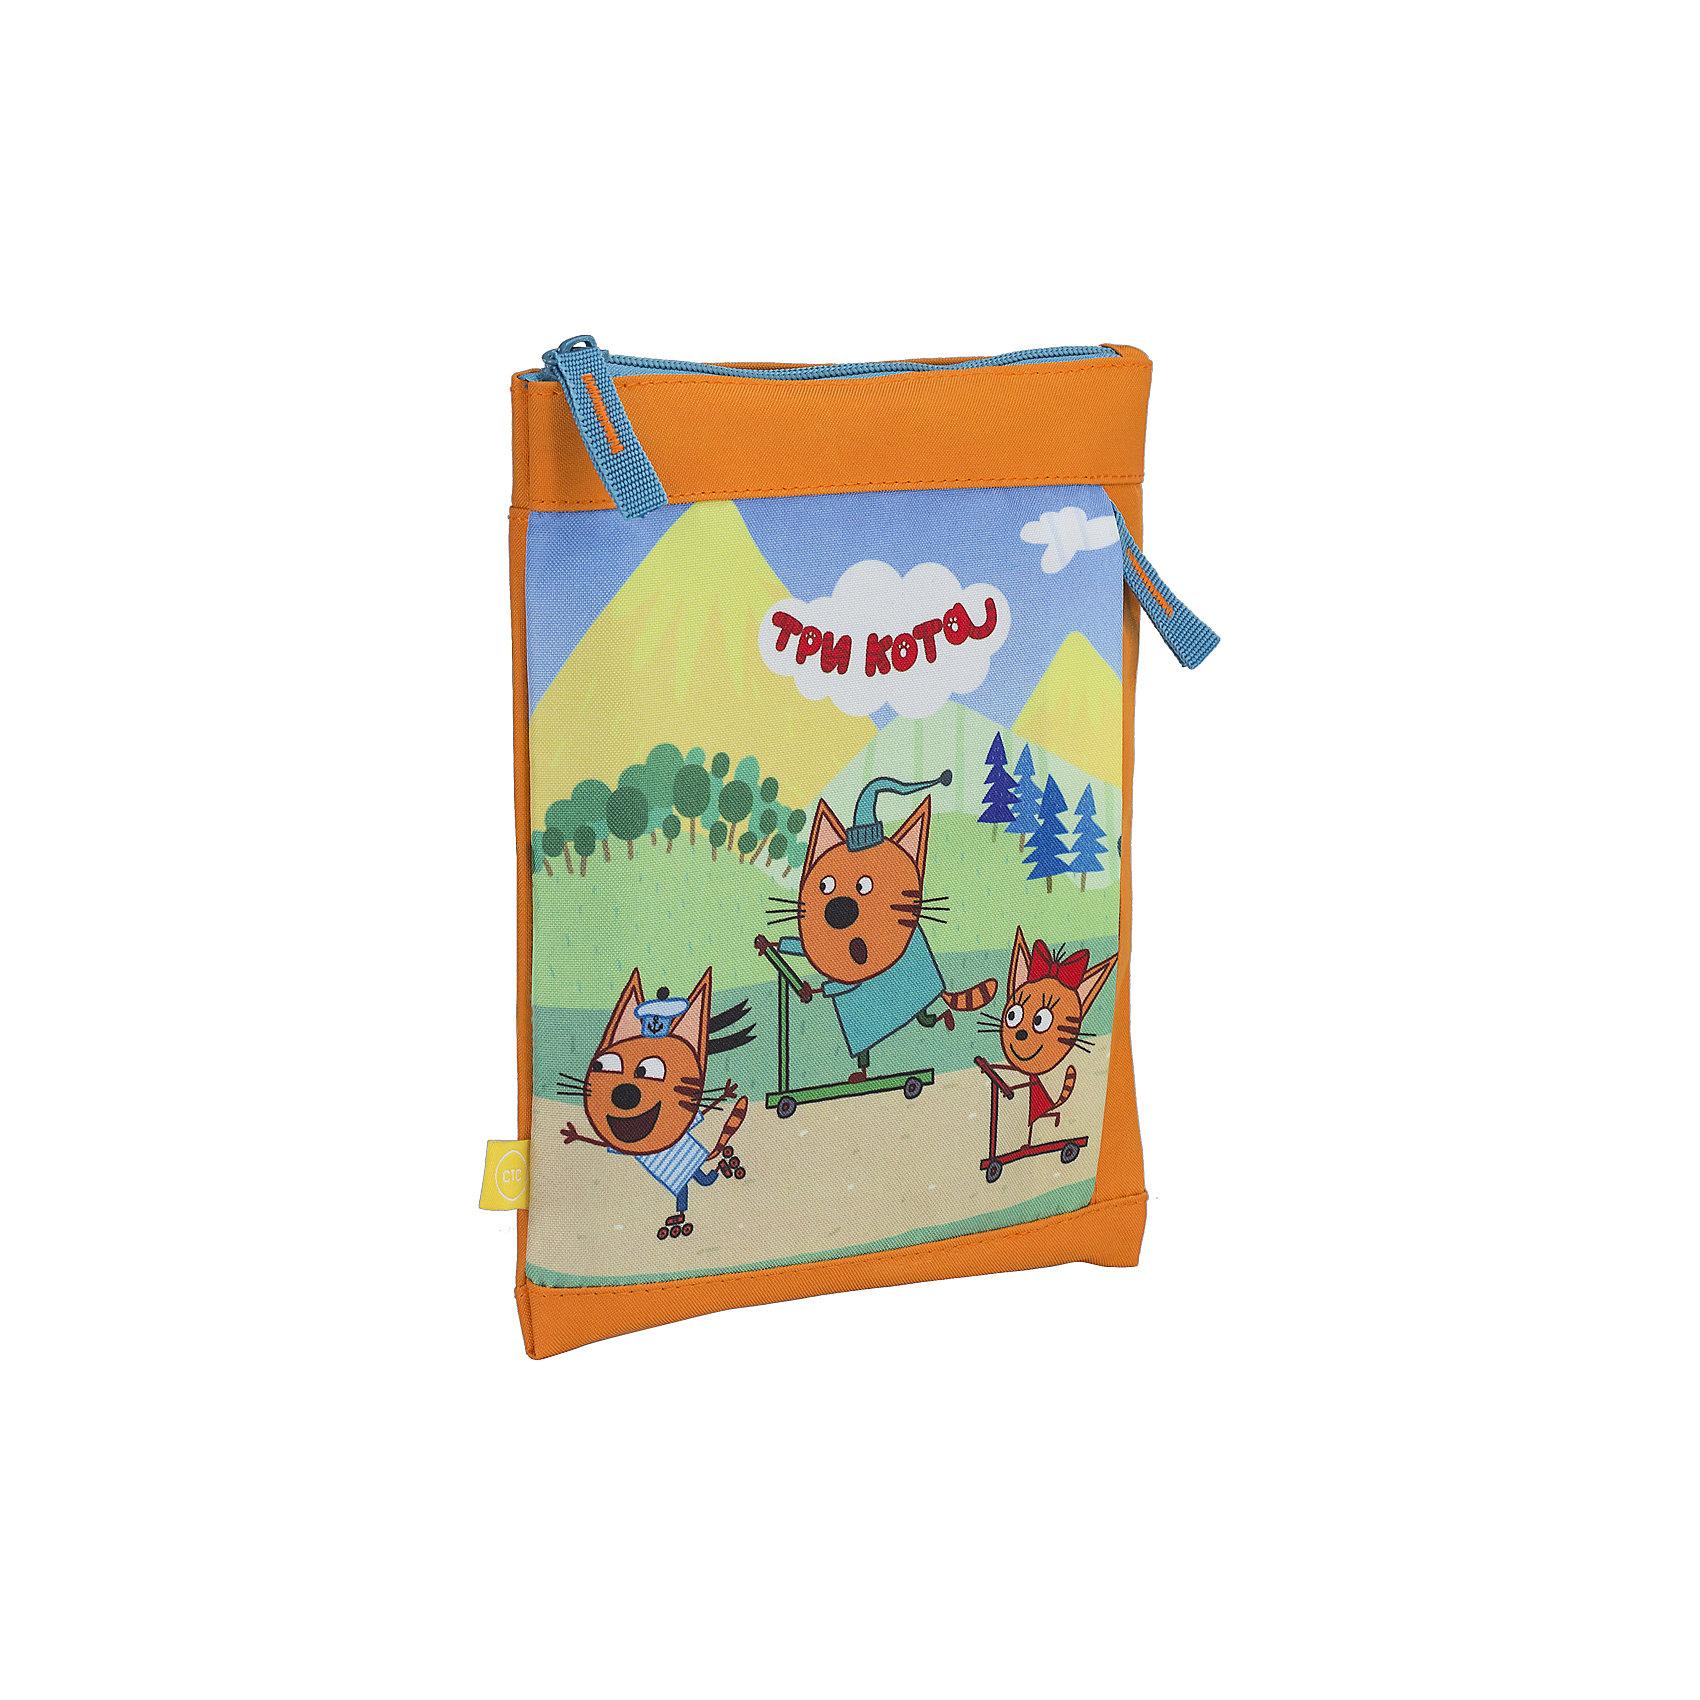 Сумка детская Kinderline Три котаДетские сумки<br>Характеристики товара:<br><br>• одно отделение;<br>• застегивается на молнию;<br>• внешний карман;<br>• регулируемый ремень;<br>• размер: 23х19 см;<br>• возраст: от 3-х лет;<br>• вес: 100 грамм;<br>• страна: Китай.<br><br>Сумка Три кота отлично подойдет для прогулок, занятий и путешествий. Сумка имеет одно основное отделение, застегивающееся на молнию. На лицевой стороне есть небольшой карман для мелочей.<br><br>Сумка изготовлена из прочного, износостойкого материала. Для удобства ребенка плечевой ремень можно регулировать по длине. Лицевая сторона оформлена изображением героев мультфильма «Три кота».<br><br>Три кота Сумку на плечо Размер 23 х 19 см можно купить в нашем интернет-магазине.<br><br>Ширина мм: 230<br>Глубина мм: 190<br>Высота мм: 0<br>Вес г: 100<br>Возраст от месяцев: 36<br>Возраст до месяцев: 2147483647<br>Пол: Унисекс<br>Возраст: Детский<br>SKU: 6892452